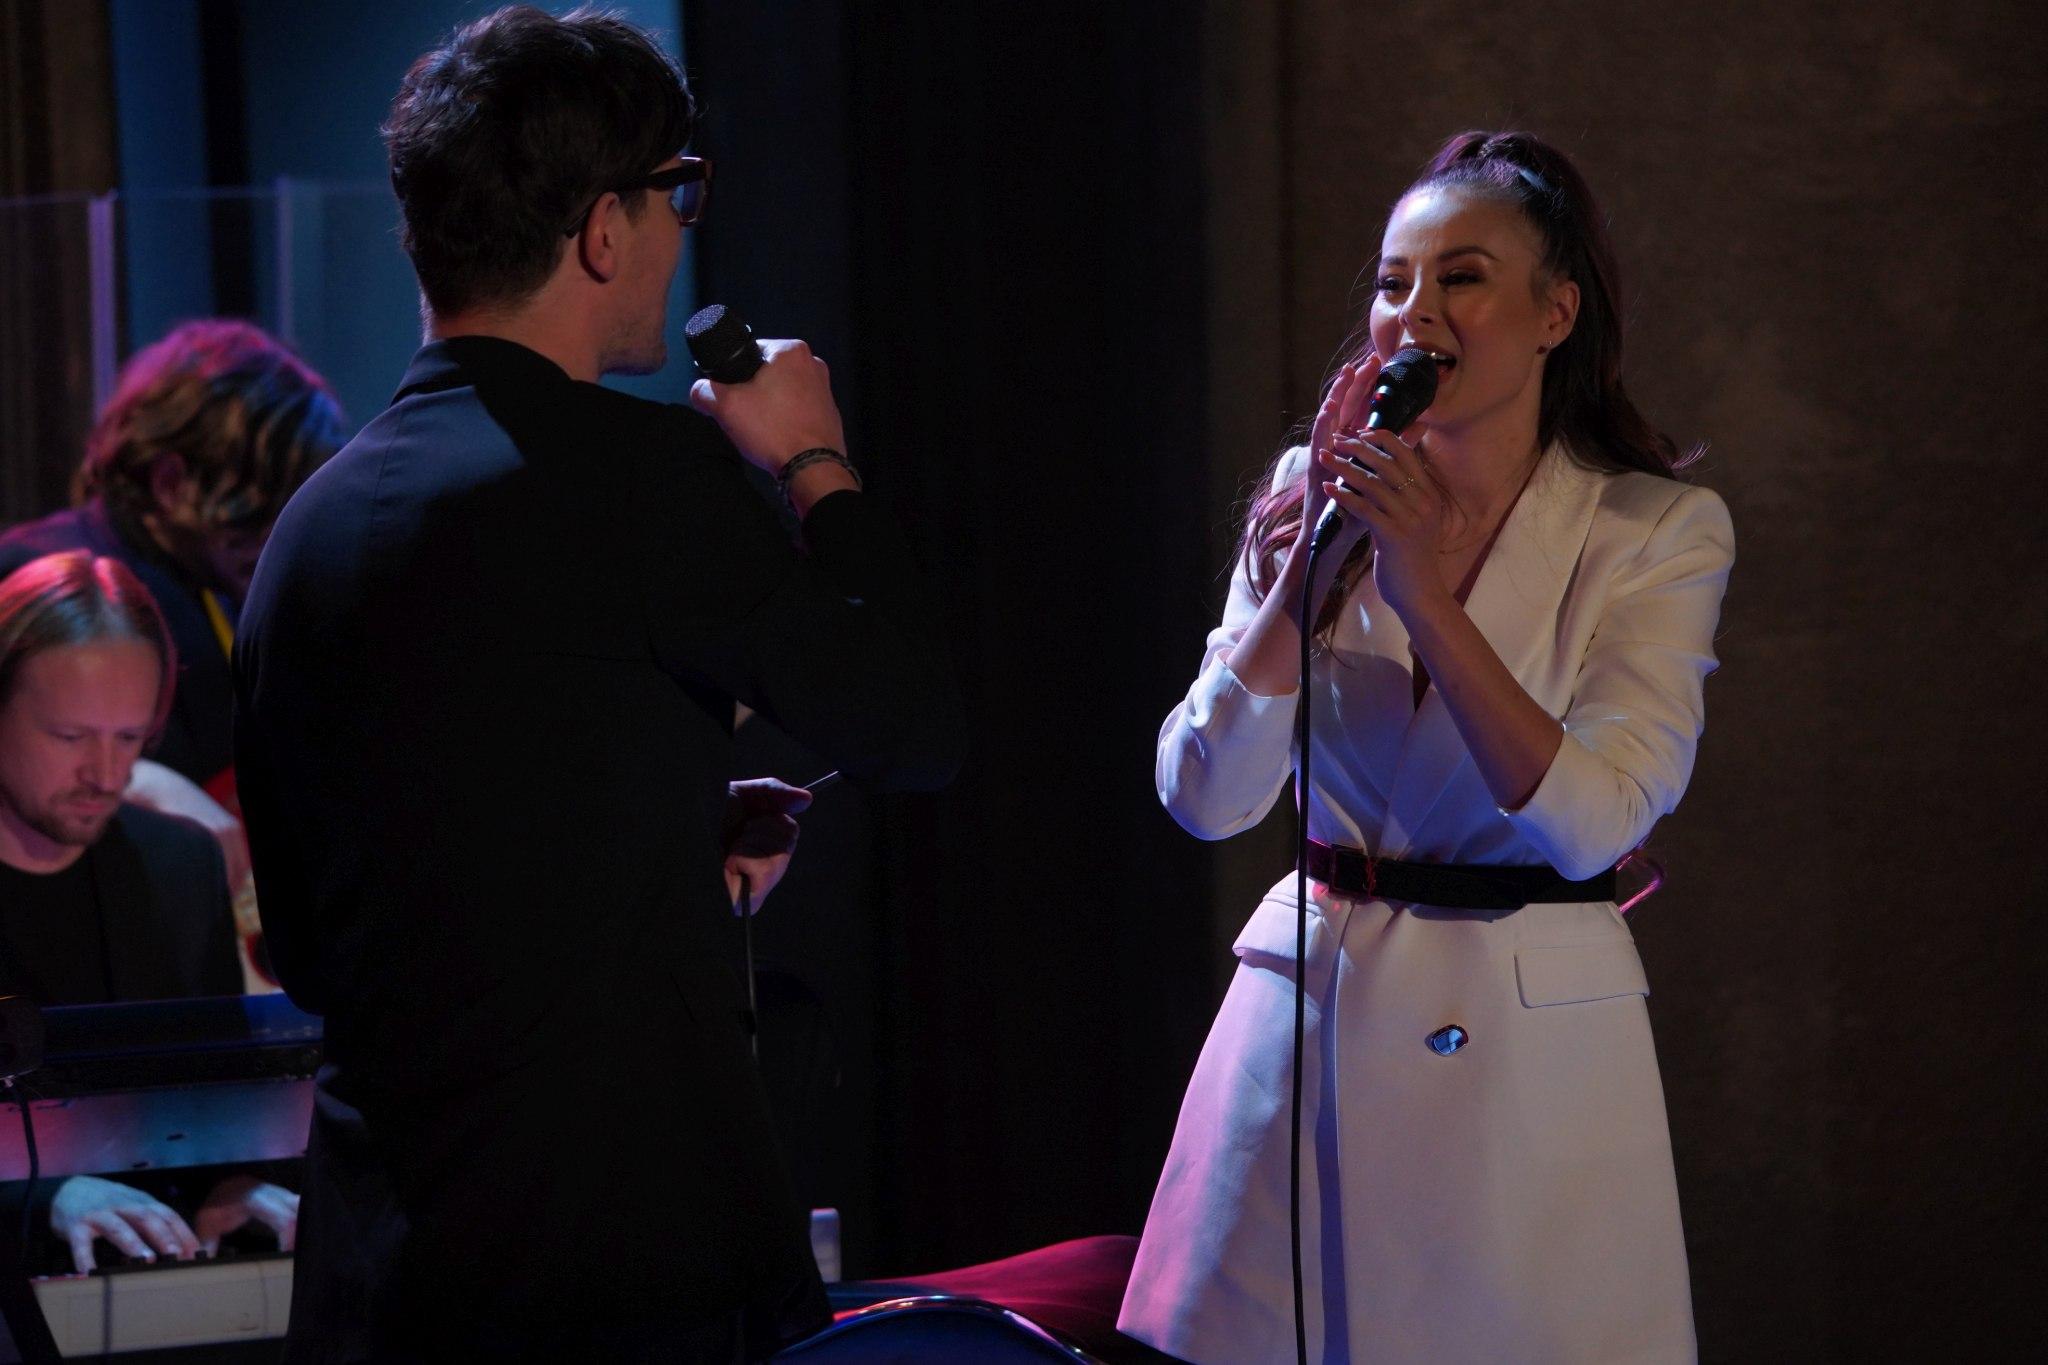 Zpěvačka Monika Bagárová (zazpívá společně s Davidem Krausem) v SJK 22. 12. 2020